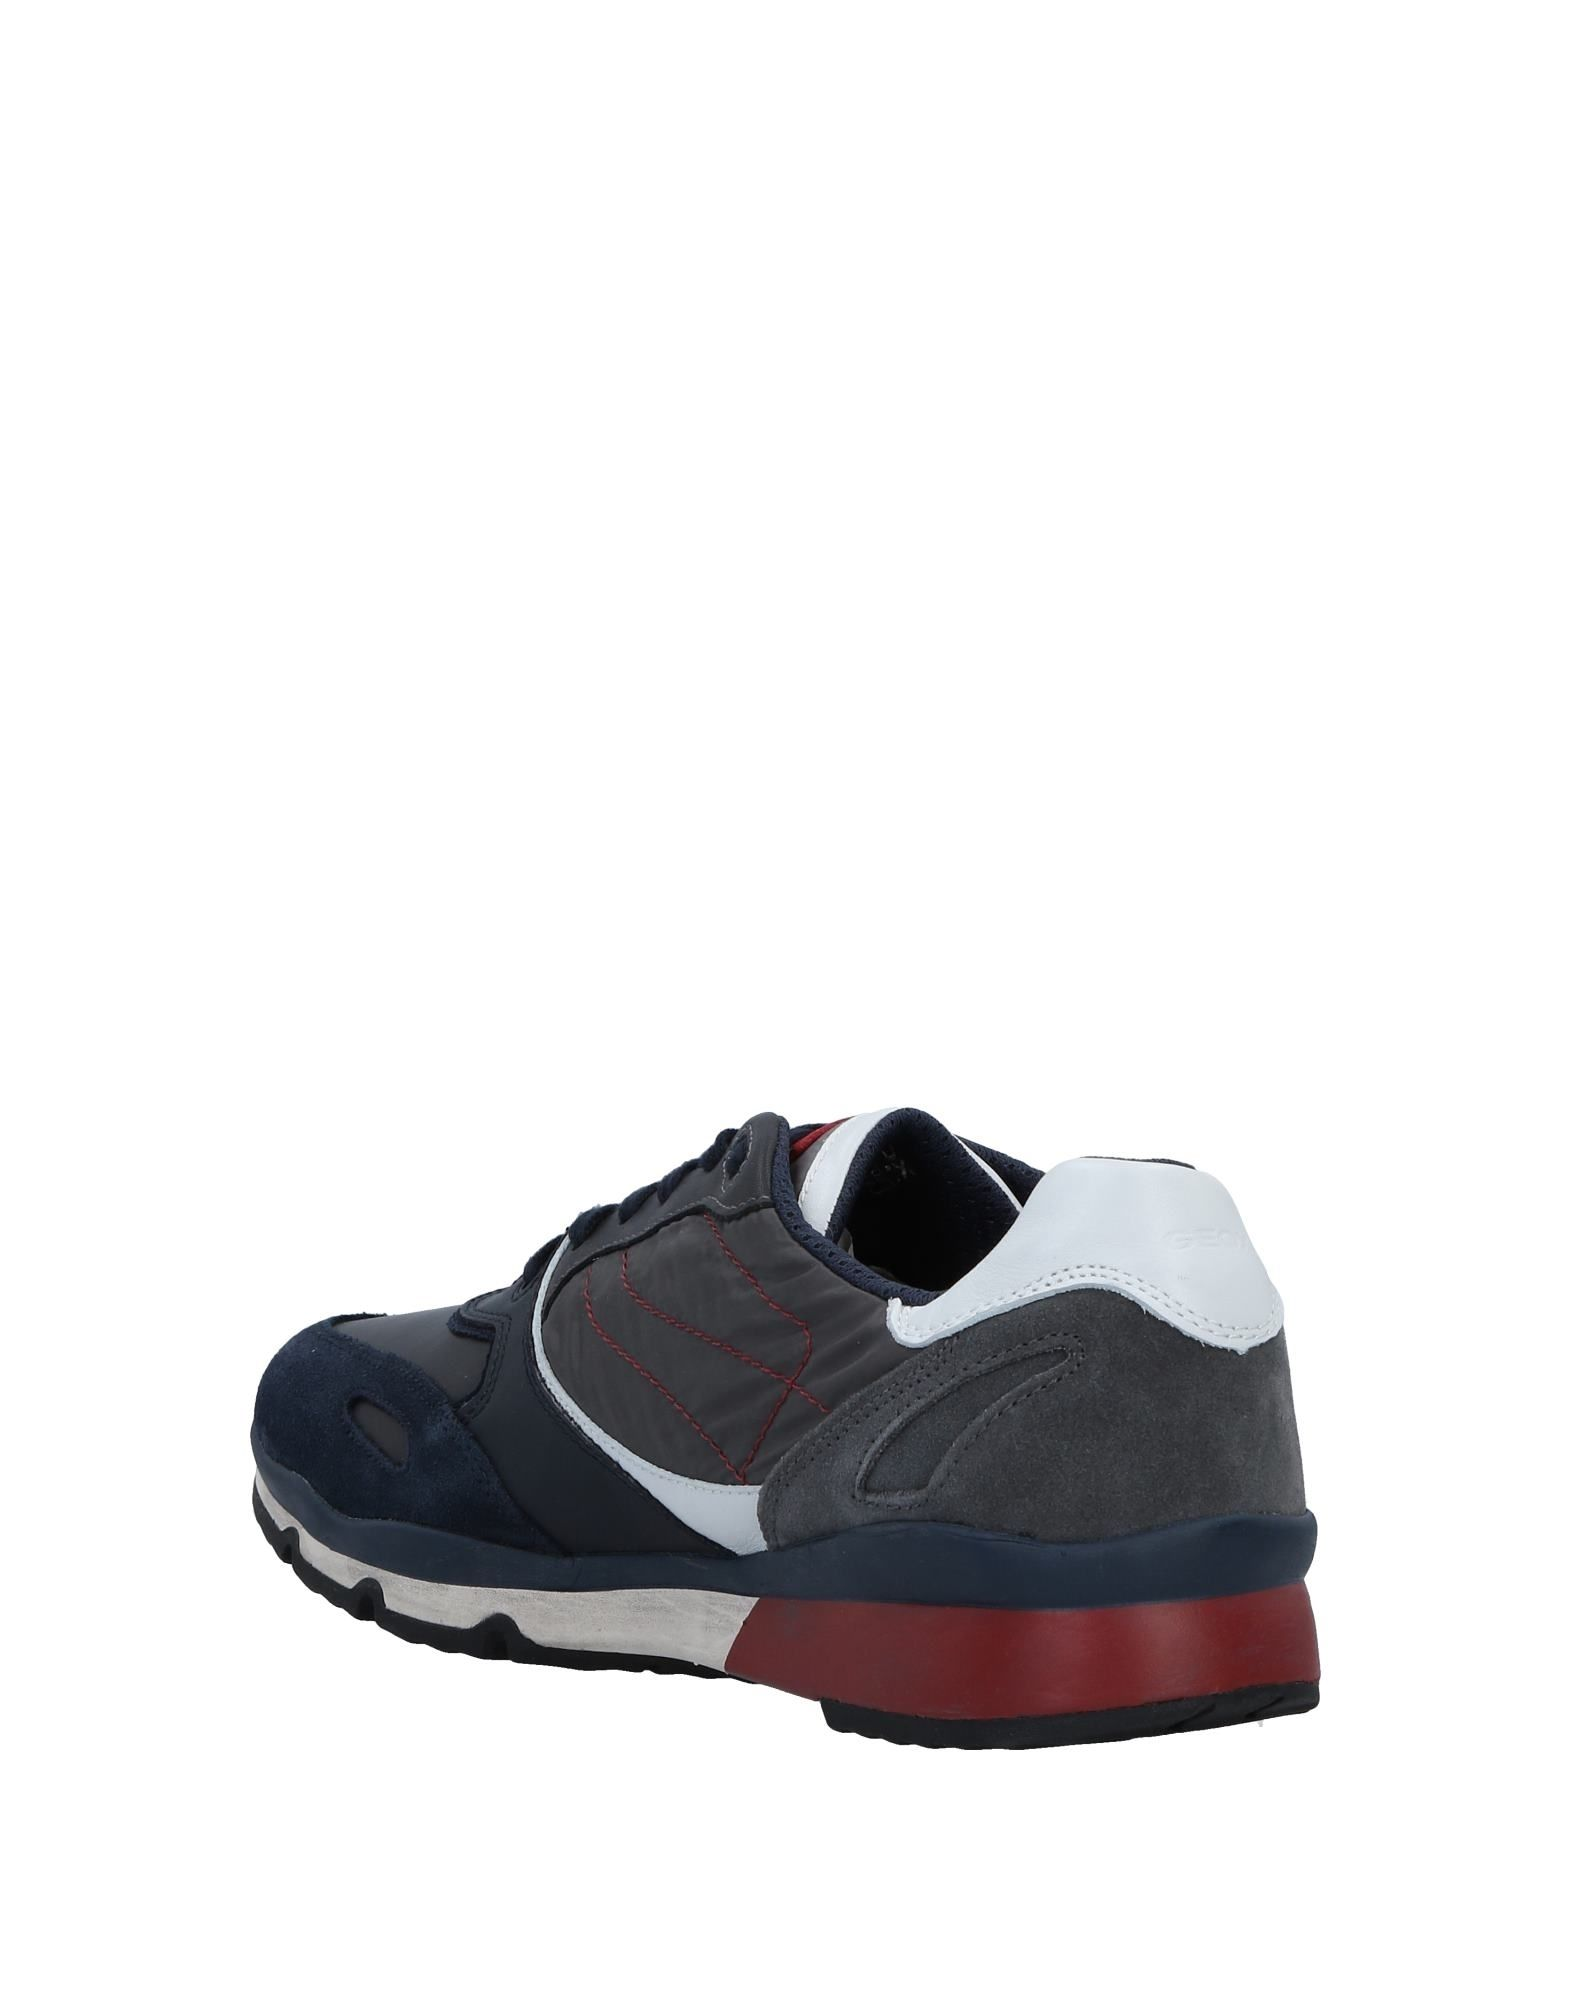 Rabatt Schuhe echte Schuhe Rabatt Geox Sneakers Herren  11084444XN cea2a7